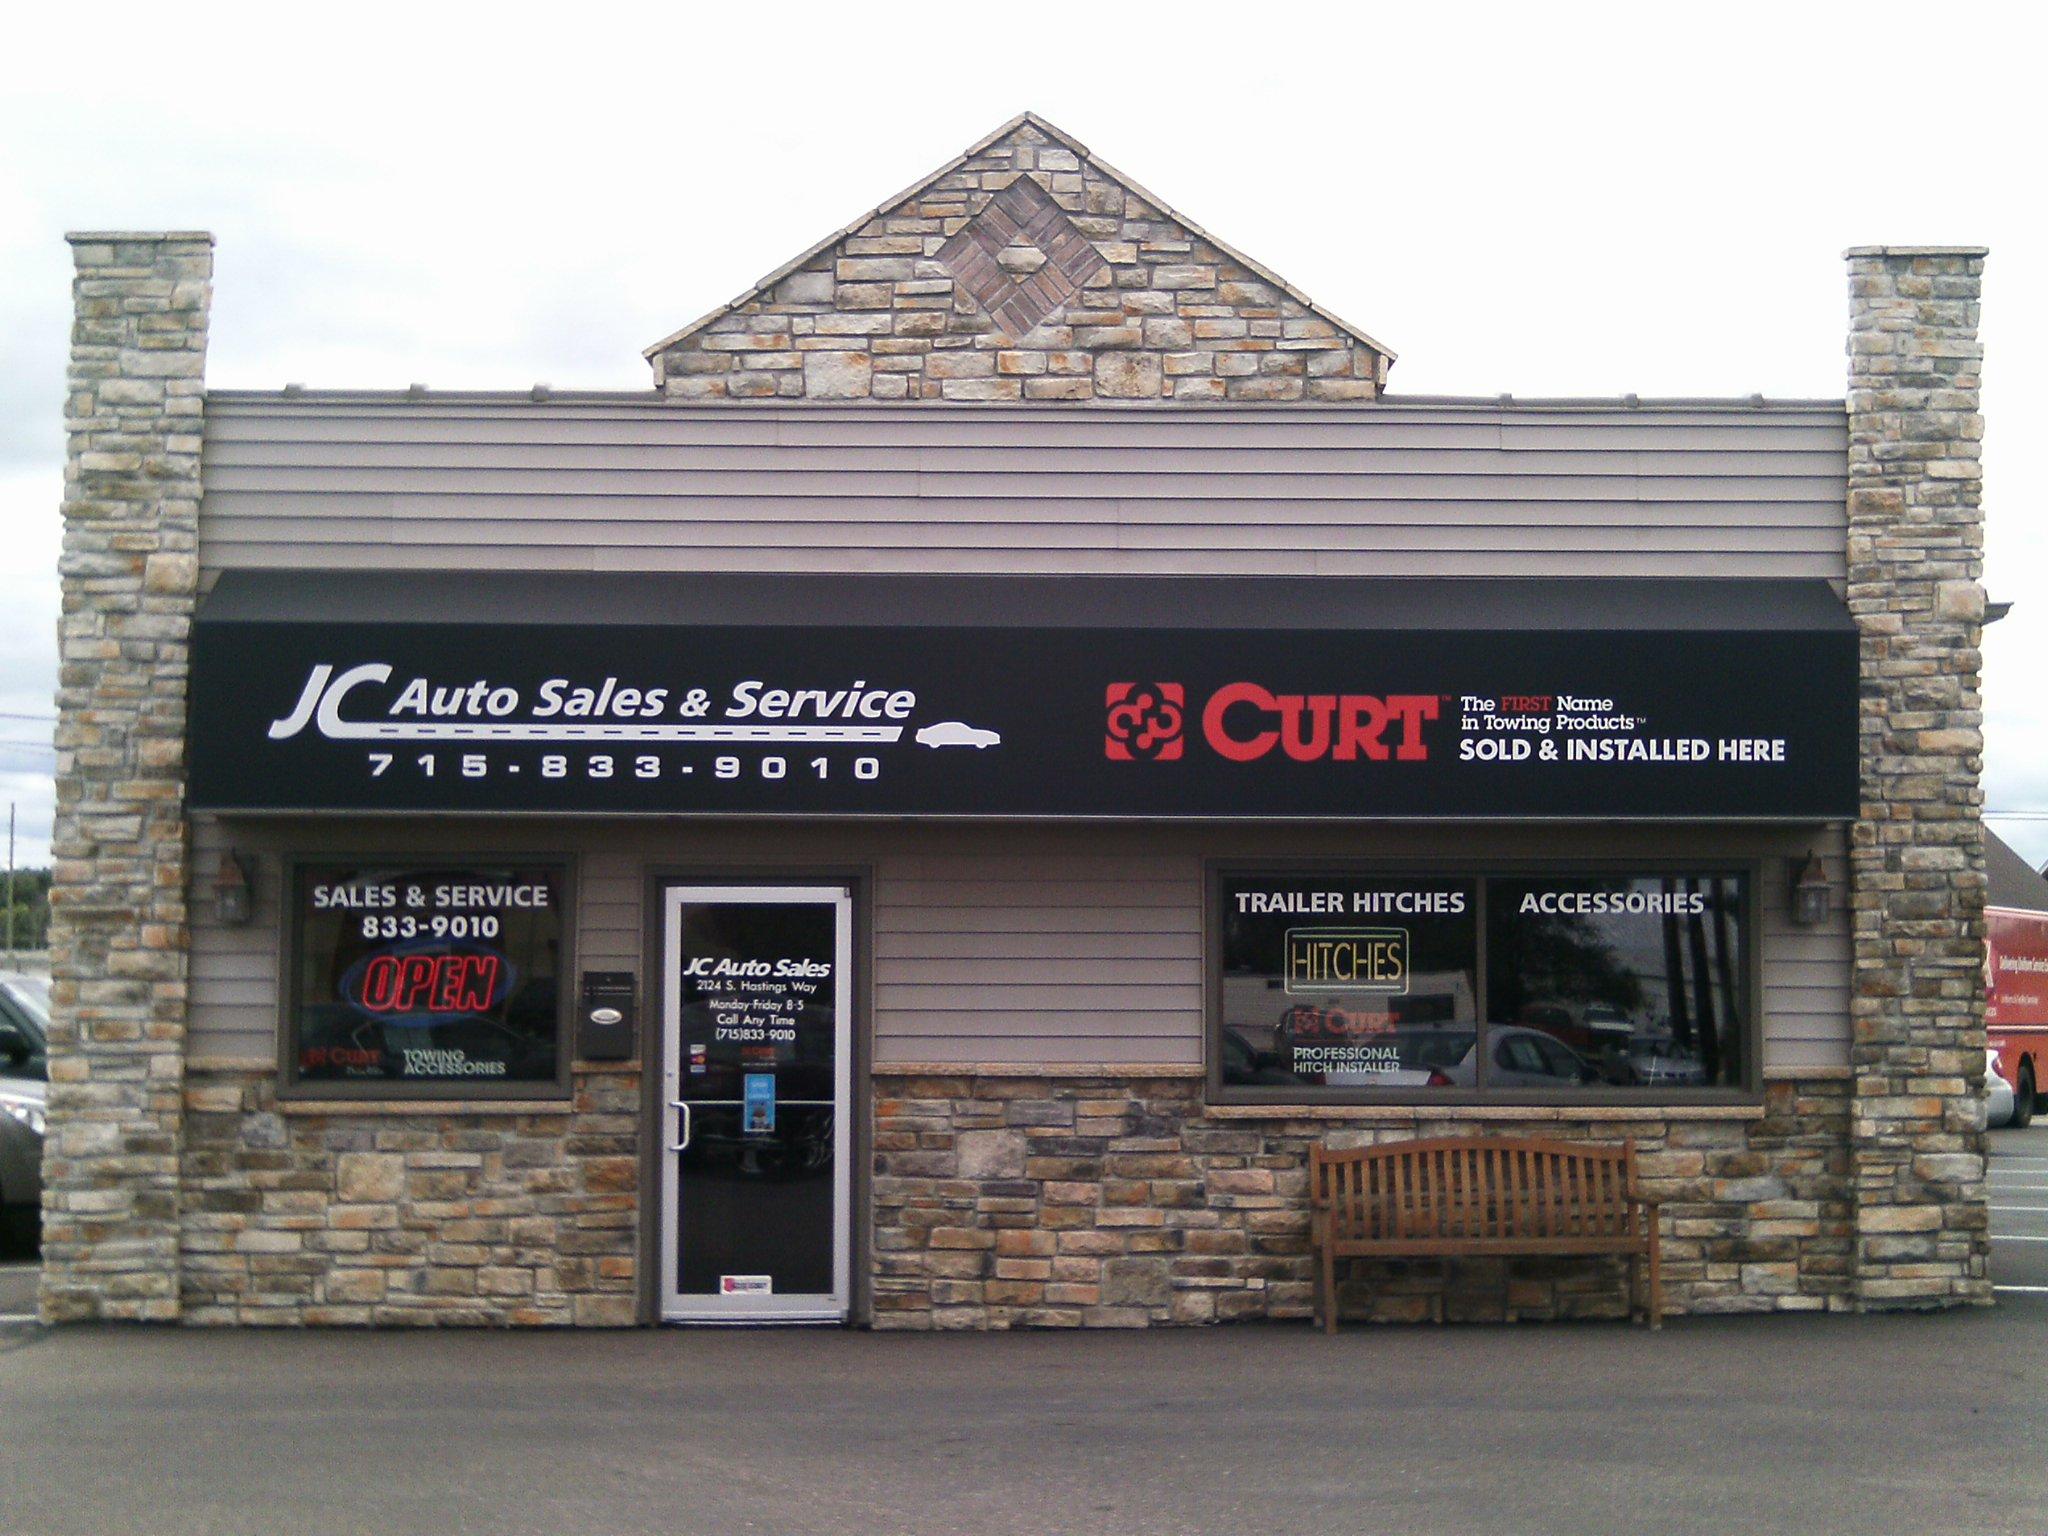 J C Auto Sales/Hitches Direct